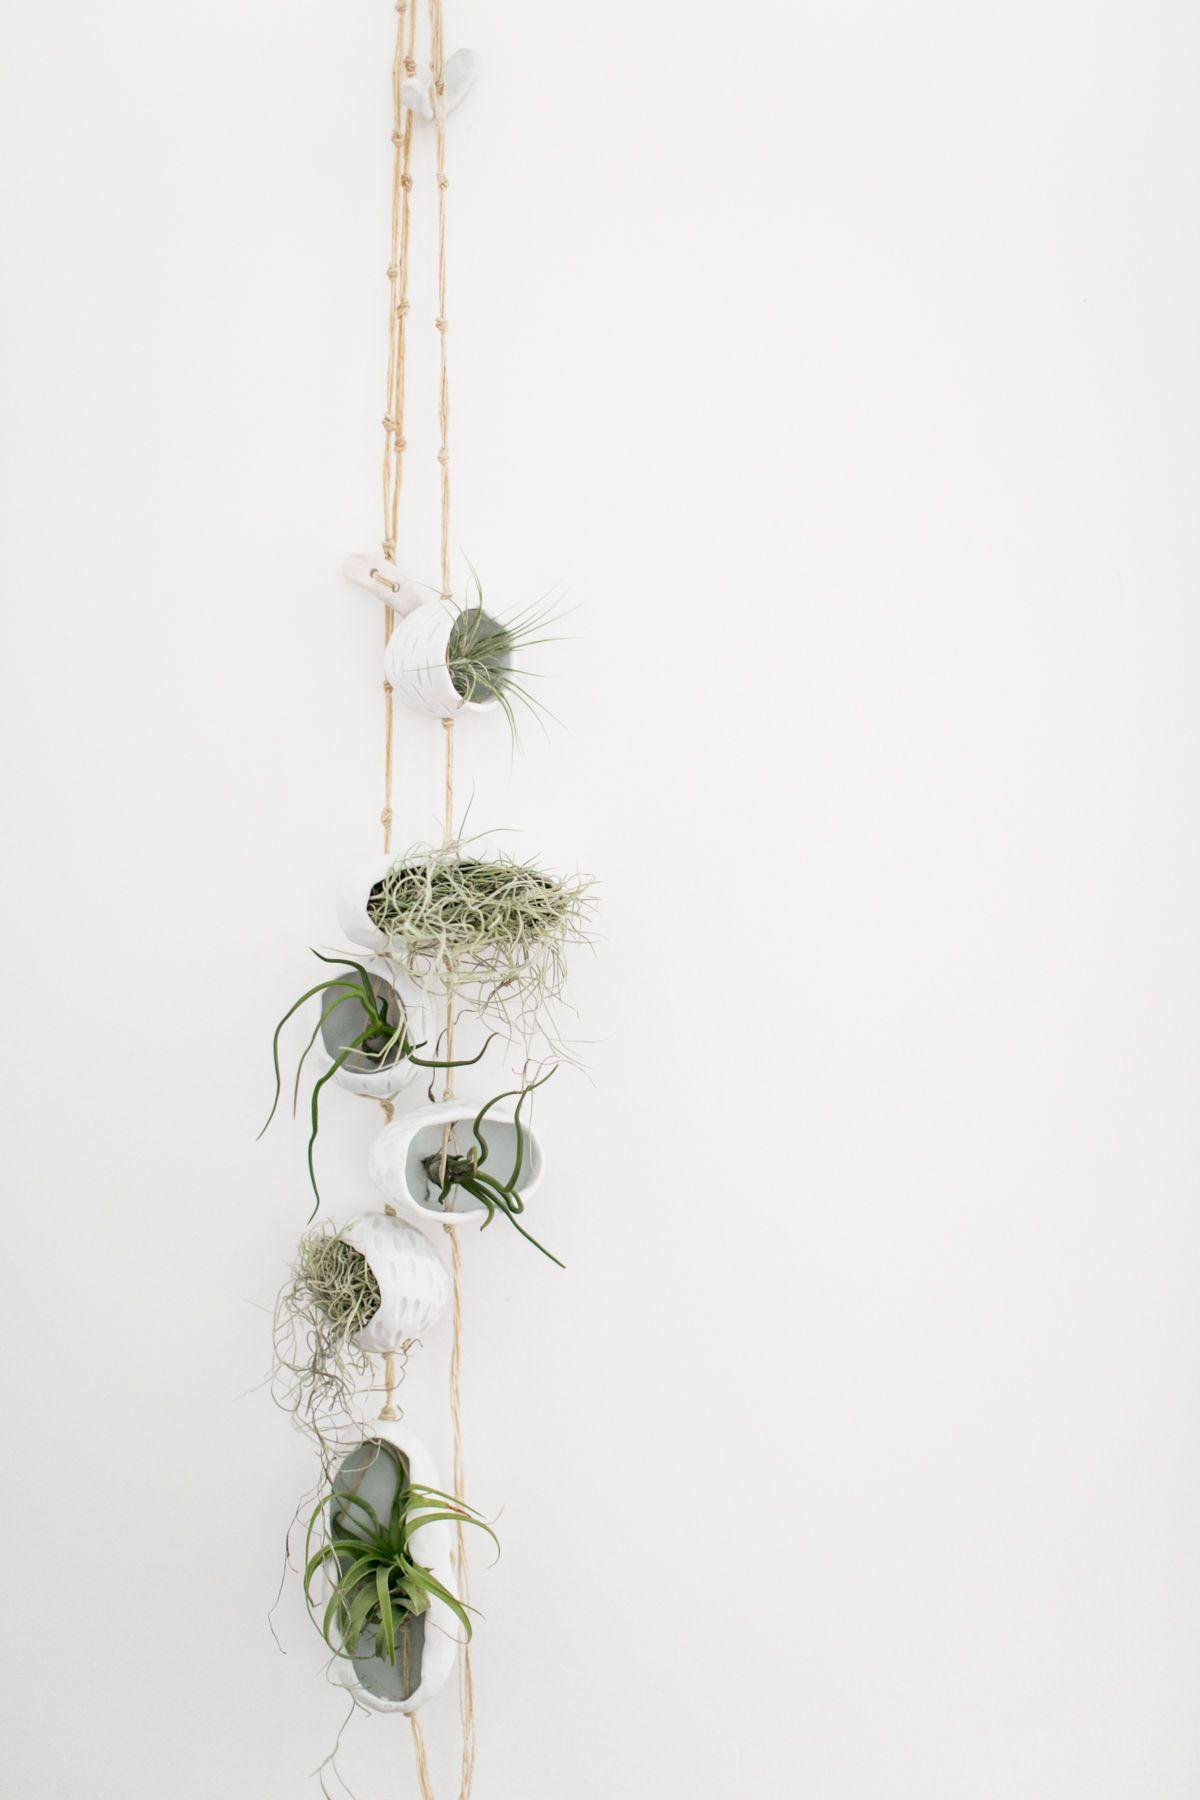 Knotwork LA — Porcelain Hanging Air Planters